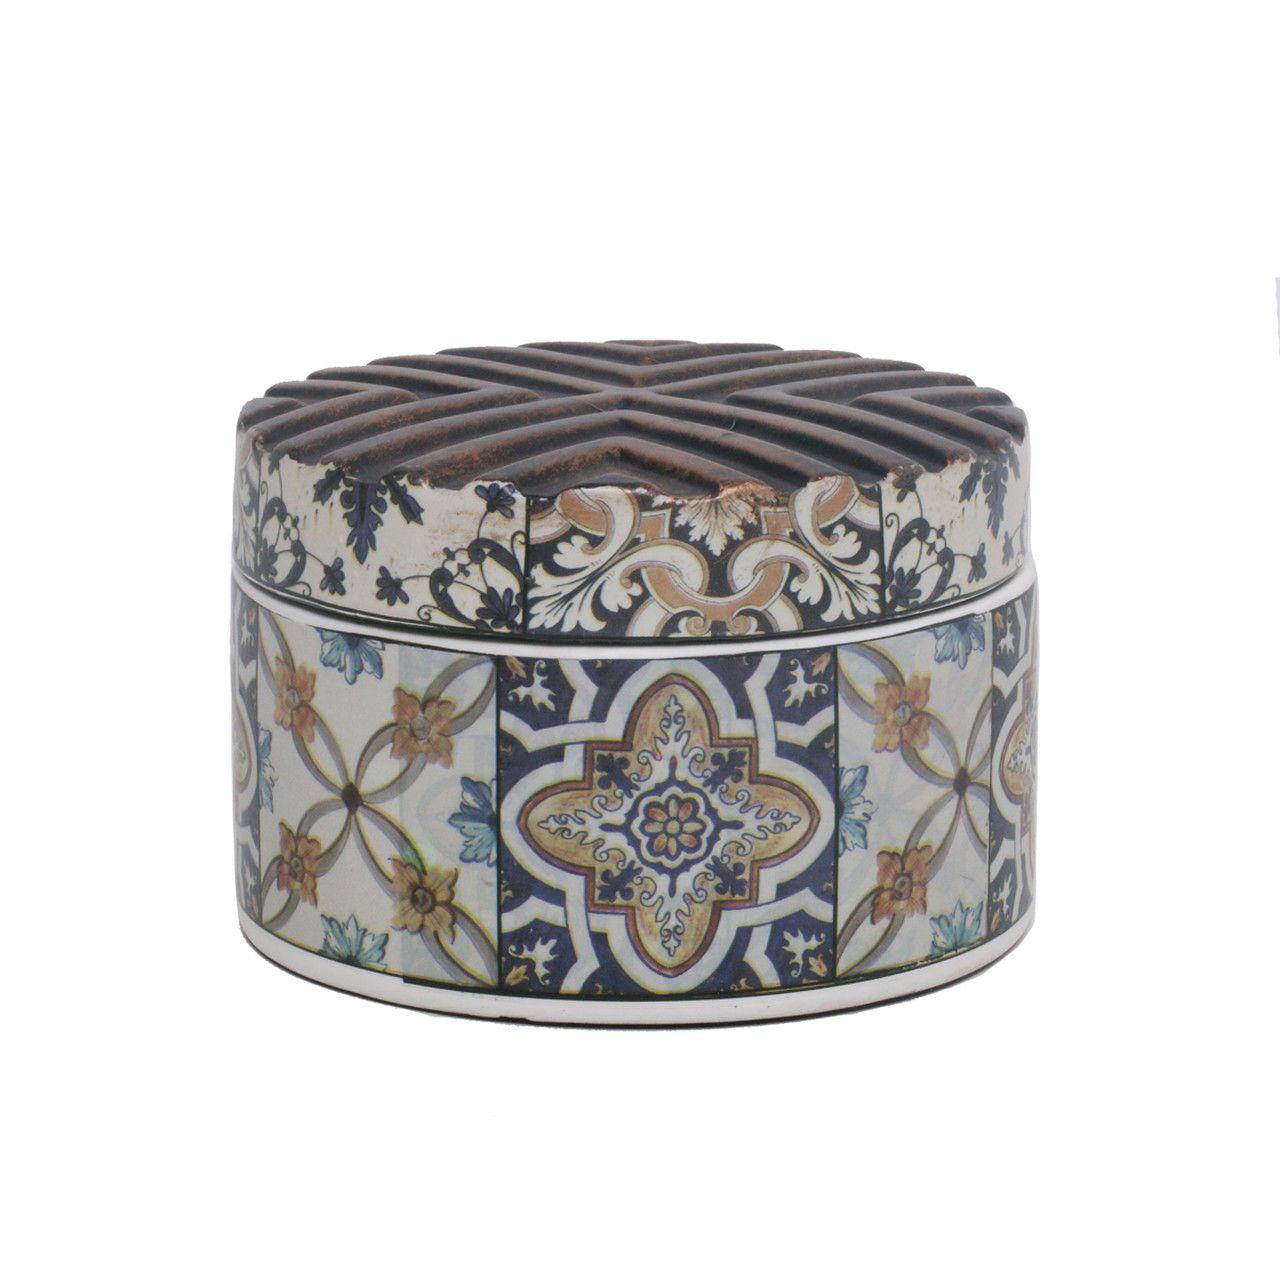 Potiche Decorativo Cerâmica Decorado 14x9cm